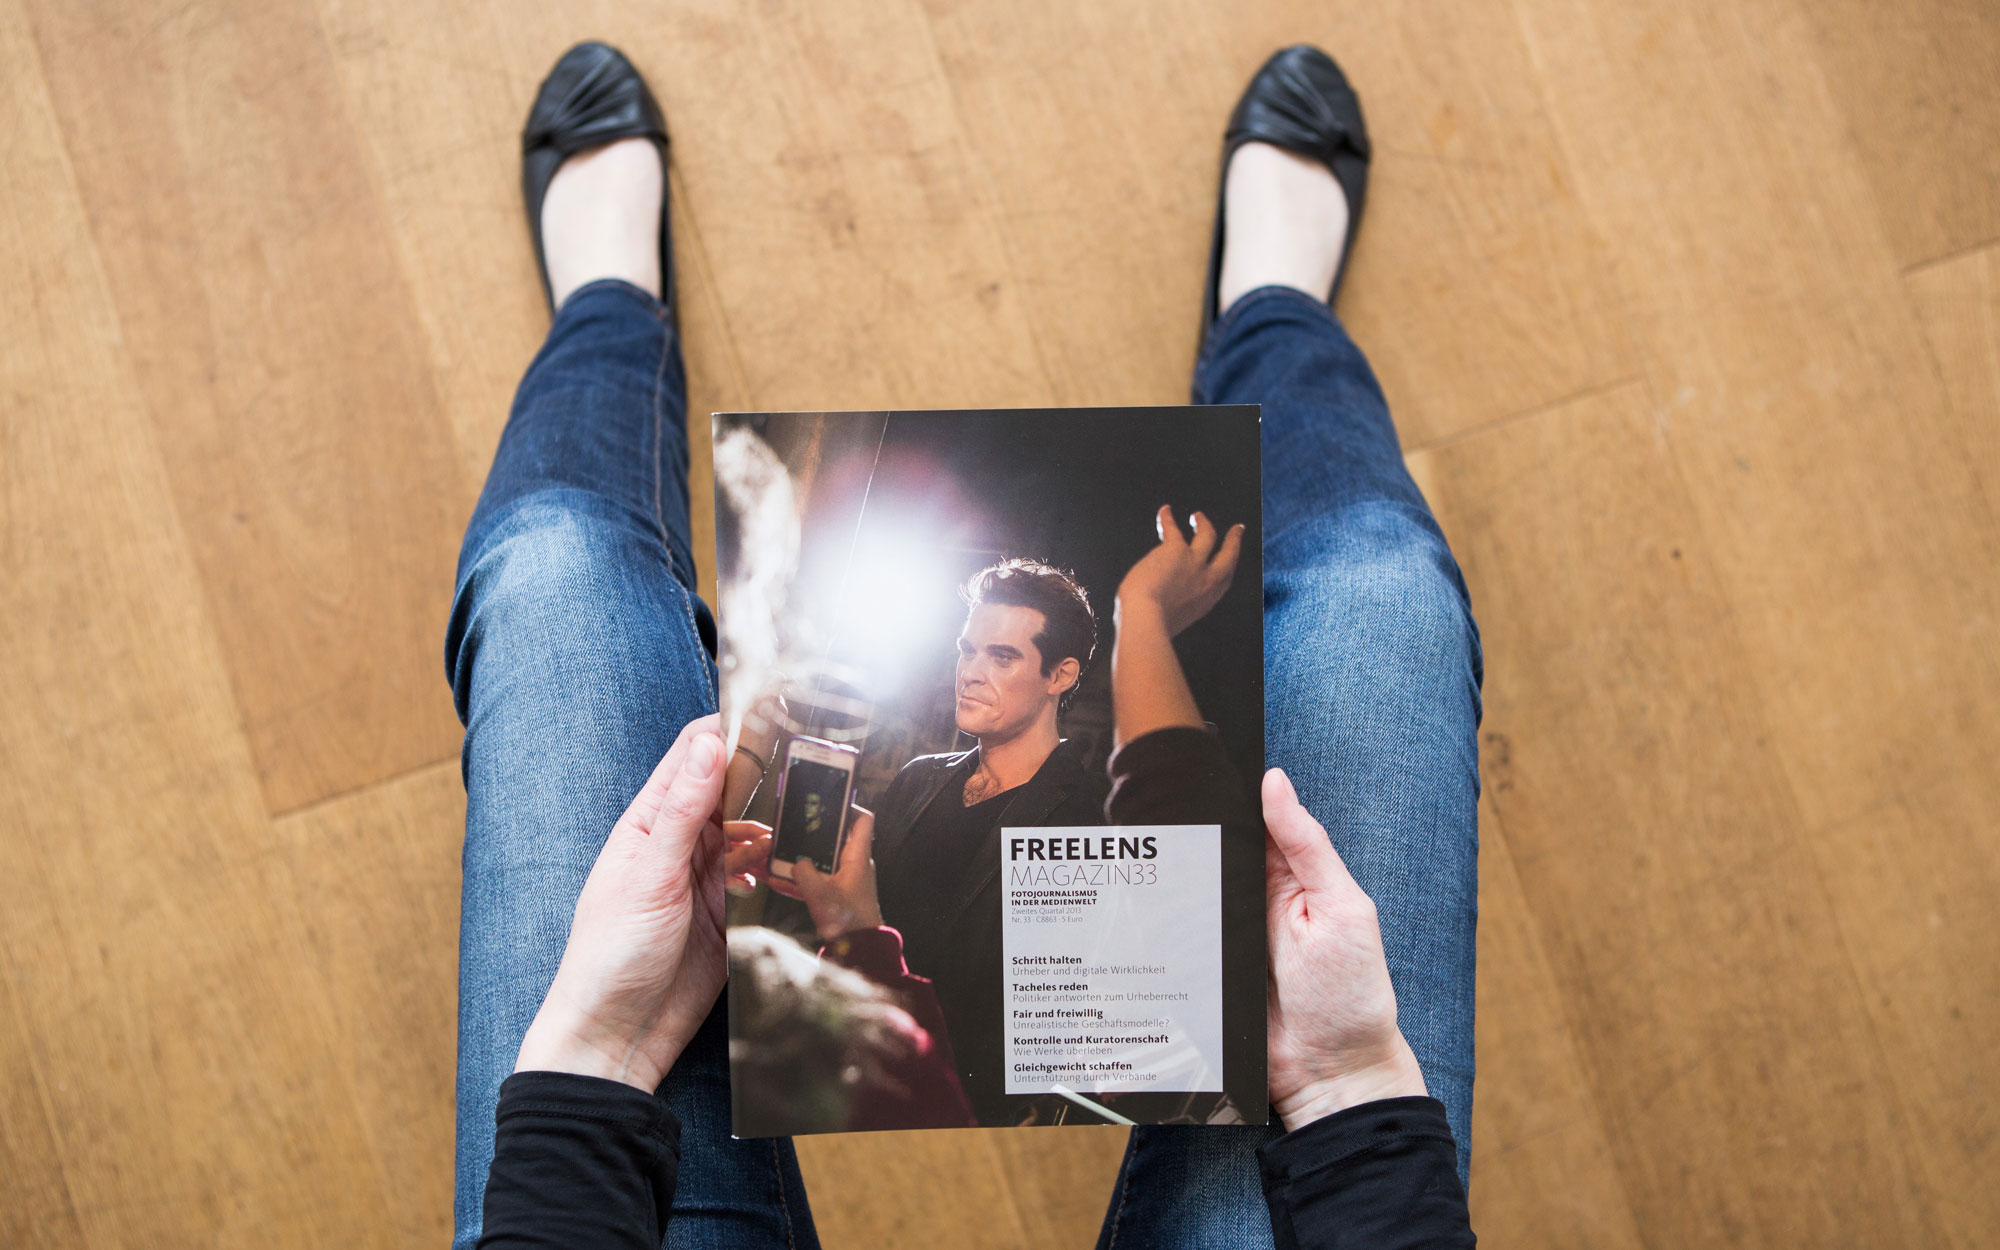 Für diese Ausgabe machte sich Thies Rätzke auf die Suche nach den Auswirkungen von Kosteneinsparungen und Urheberrechtseinschränkungen. Foto: Lucas Wahl